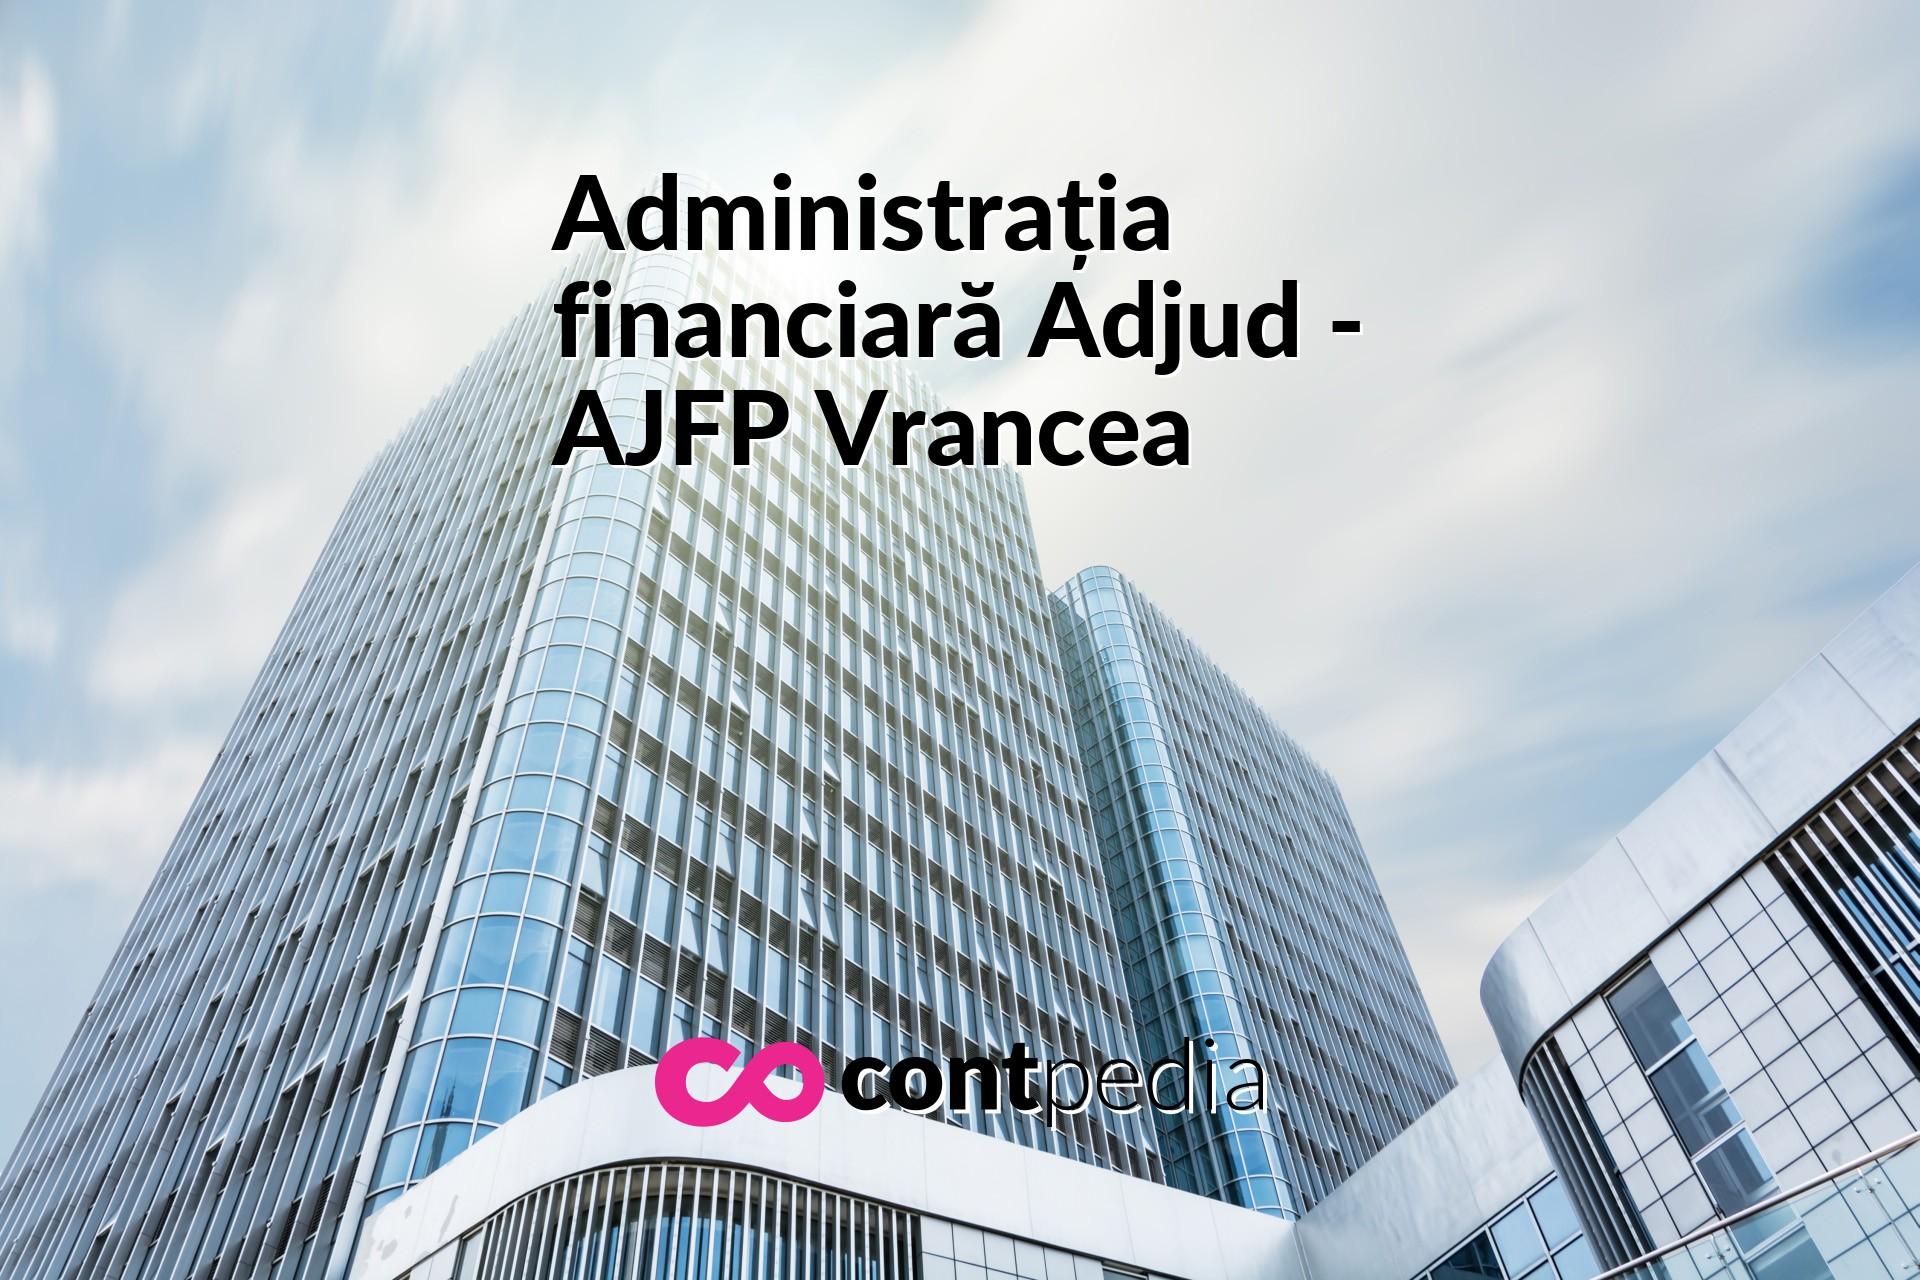 Administrația Financiară Adjud Ajfp Vrancea Harta Adresă Telefon